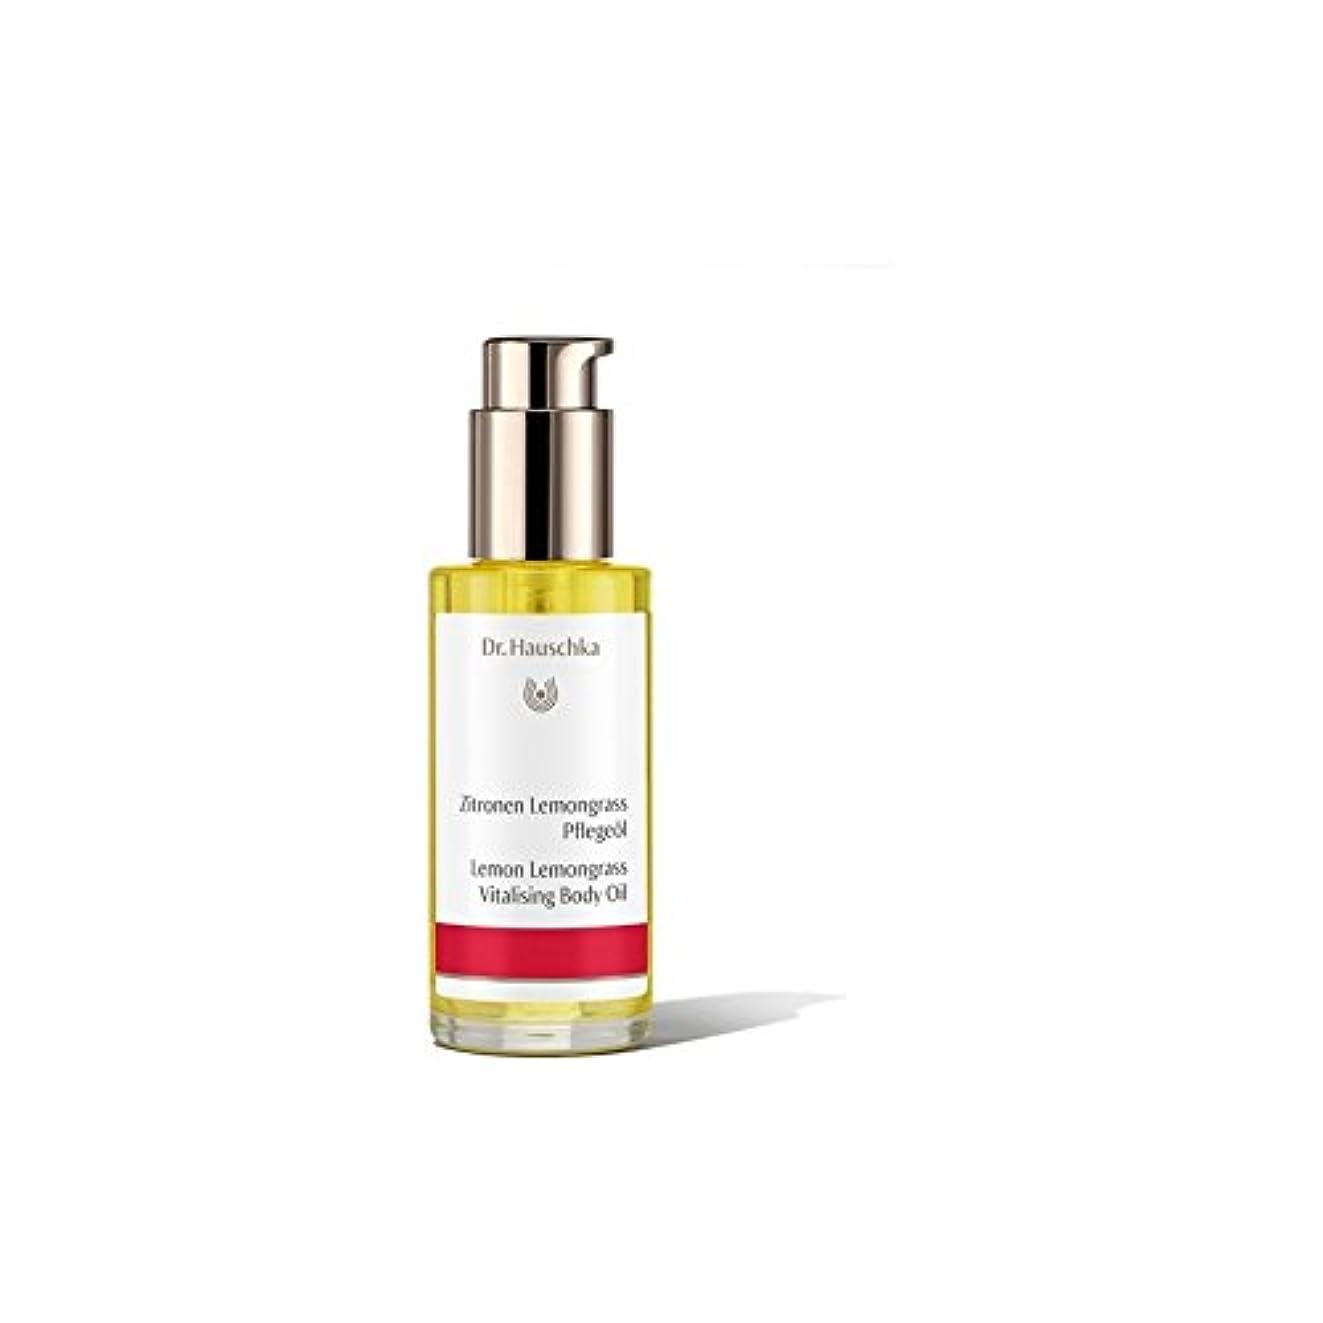 謎めいたクリケットチキンDr. Hauschka Lemon Lemongrass Vitalising Body Oil (75ml) - ハウシュカレモンレモングラスボディオイル(75ミリリットル) [並行輸入品]